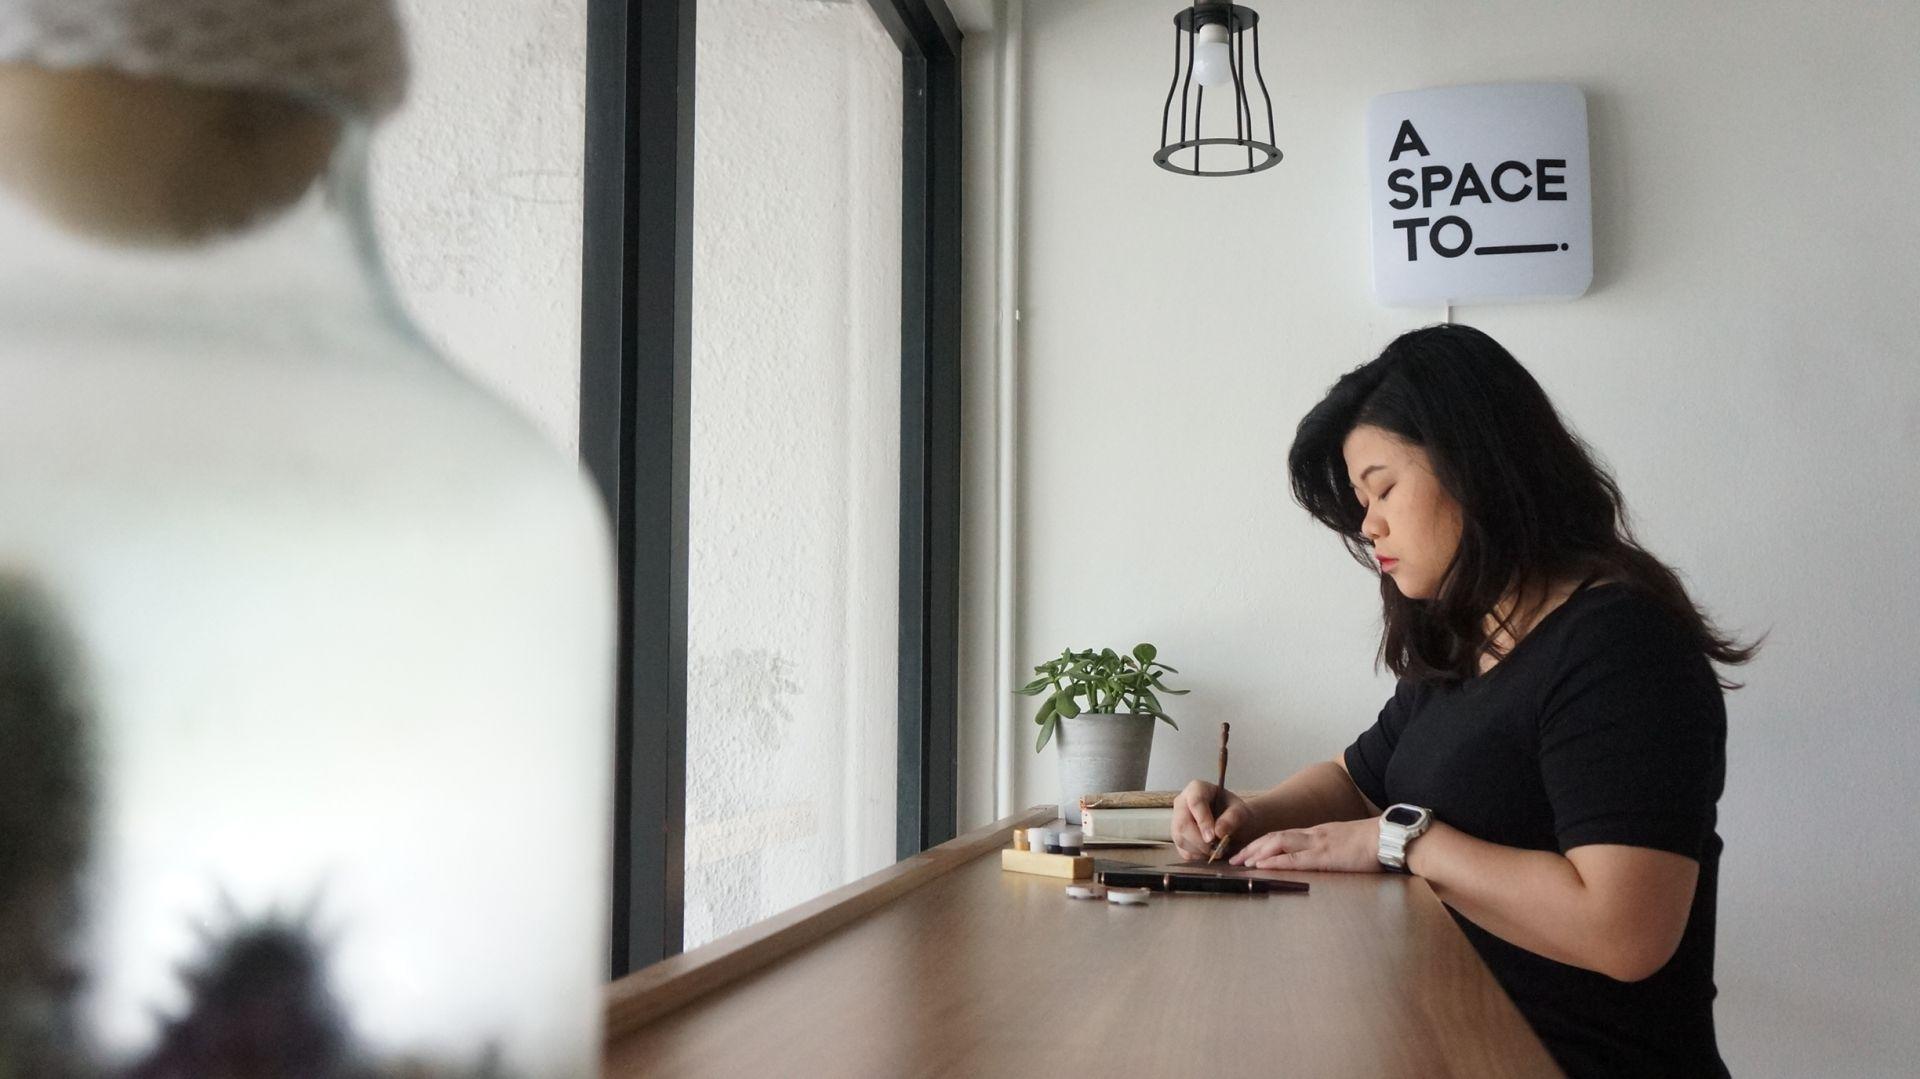 A SPACE TO, Petaling Jaya